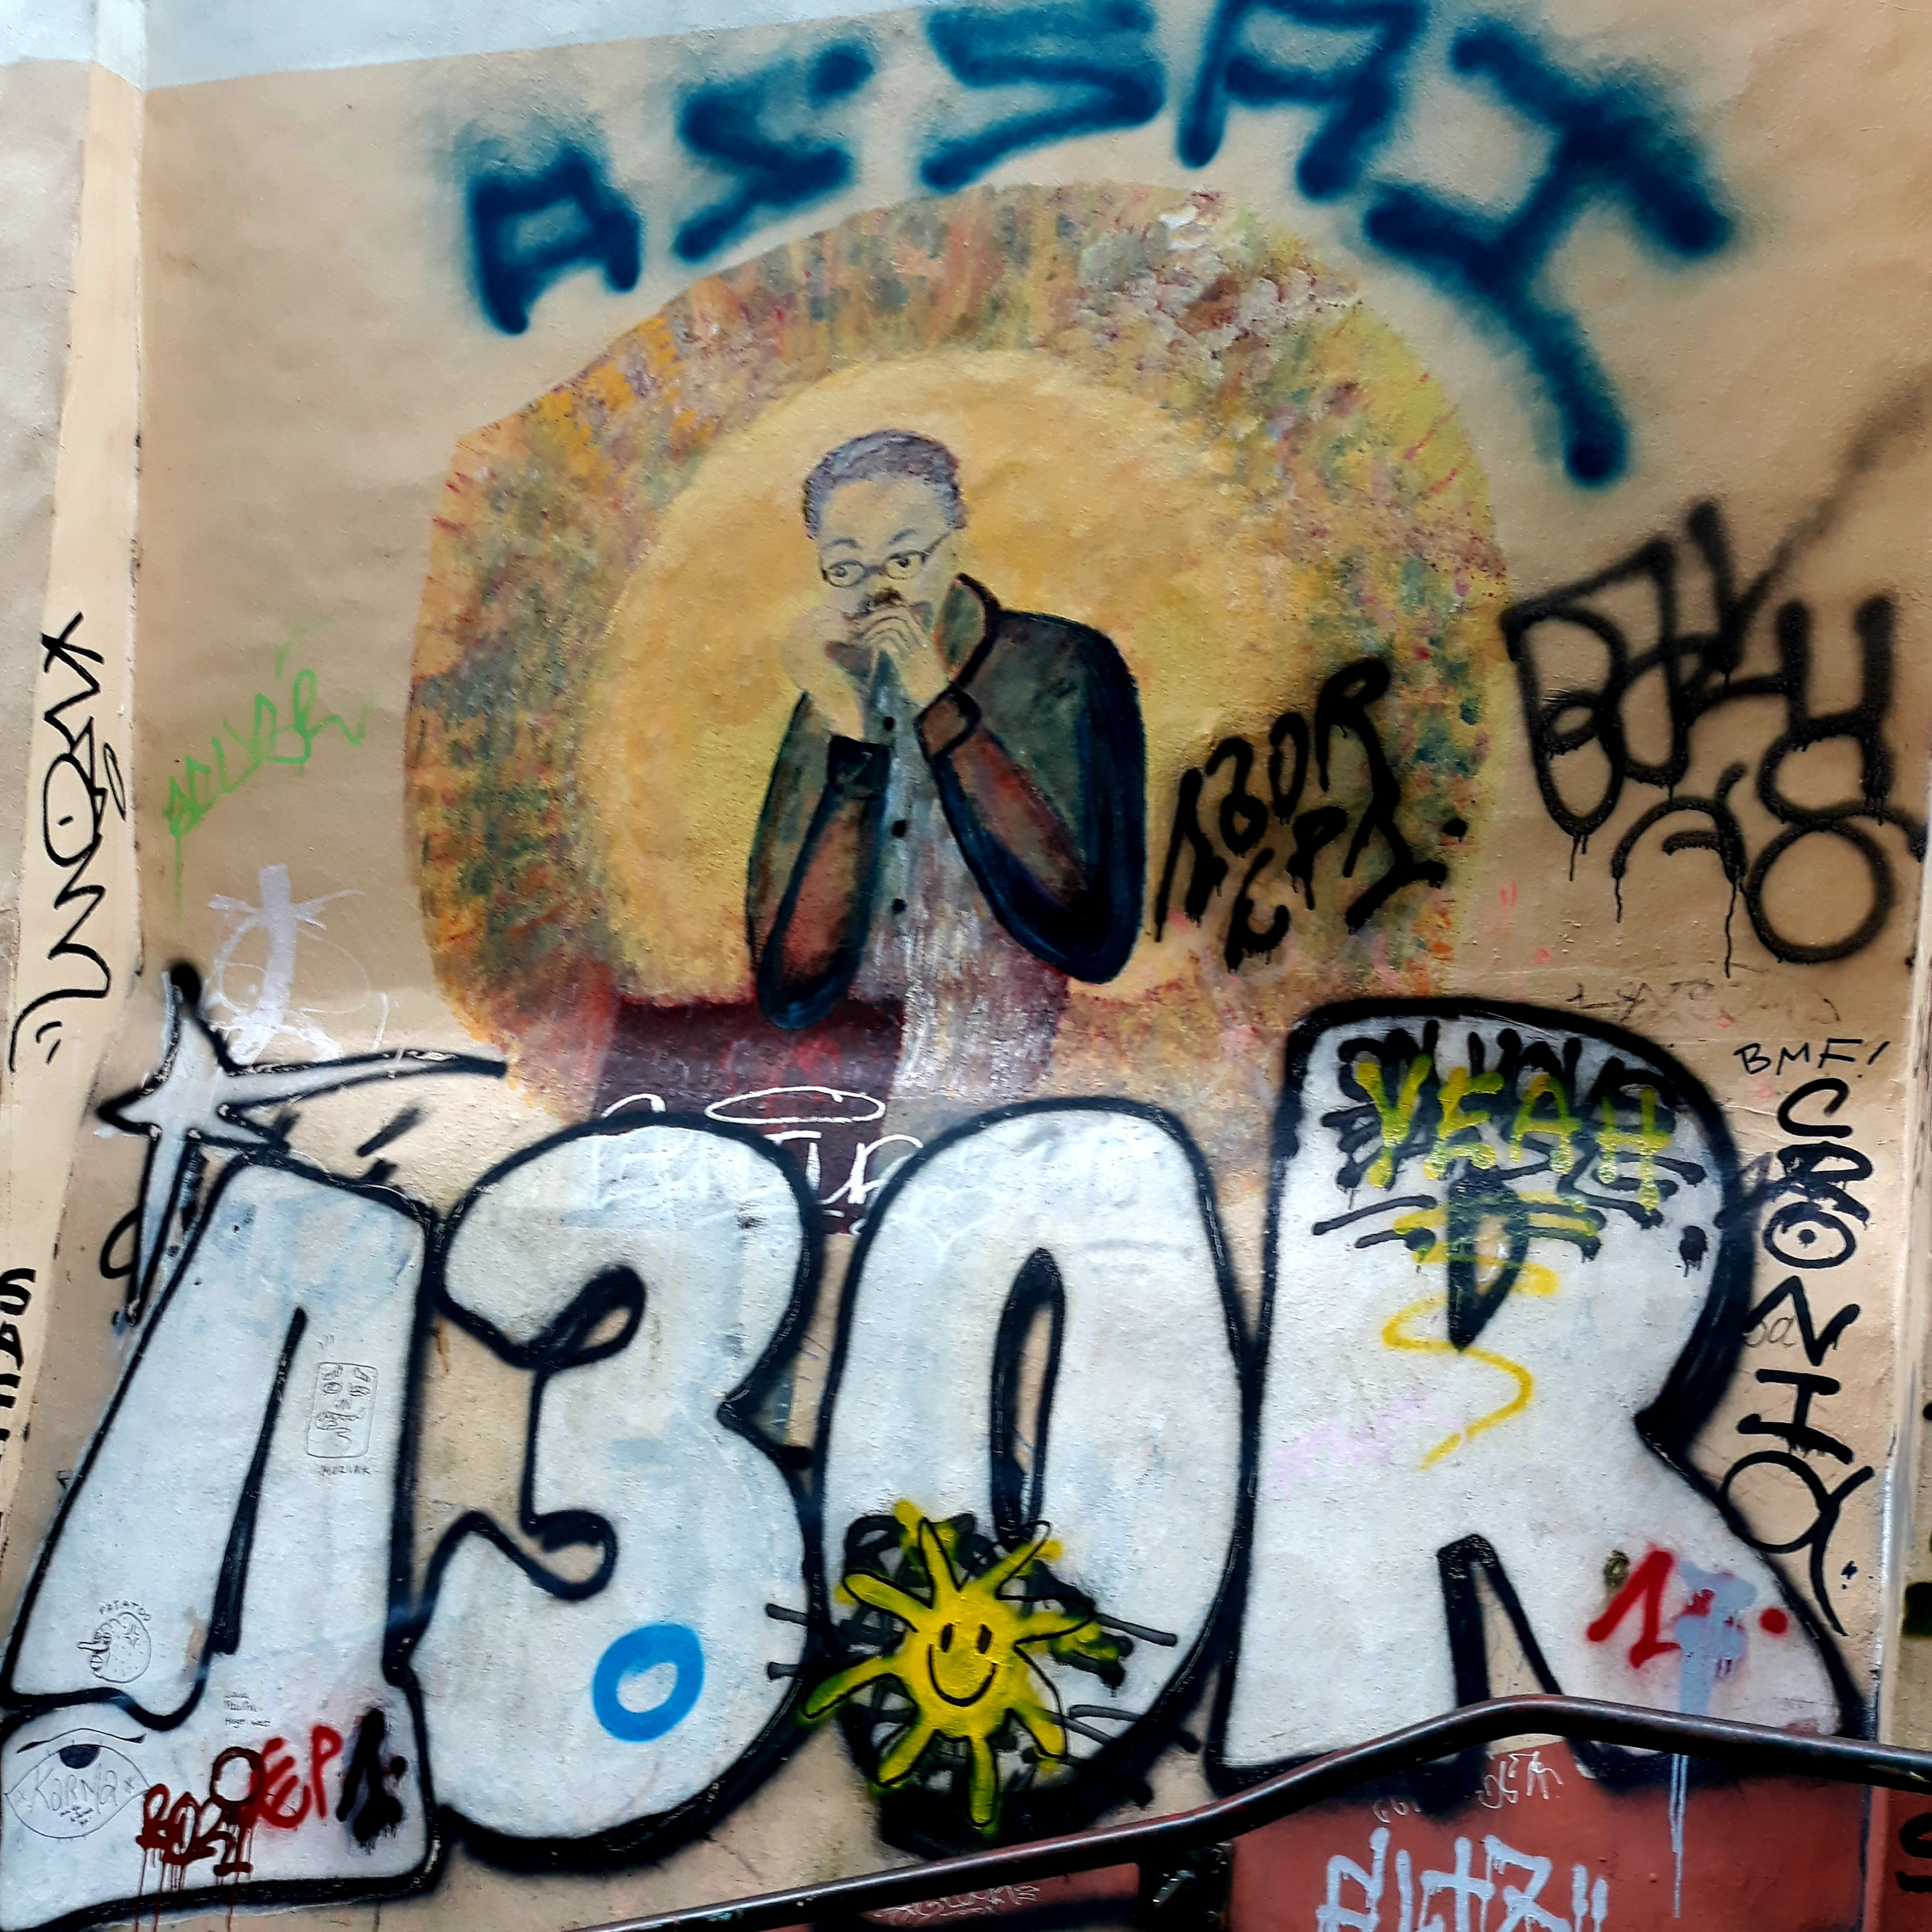 Graffiti in Brussels